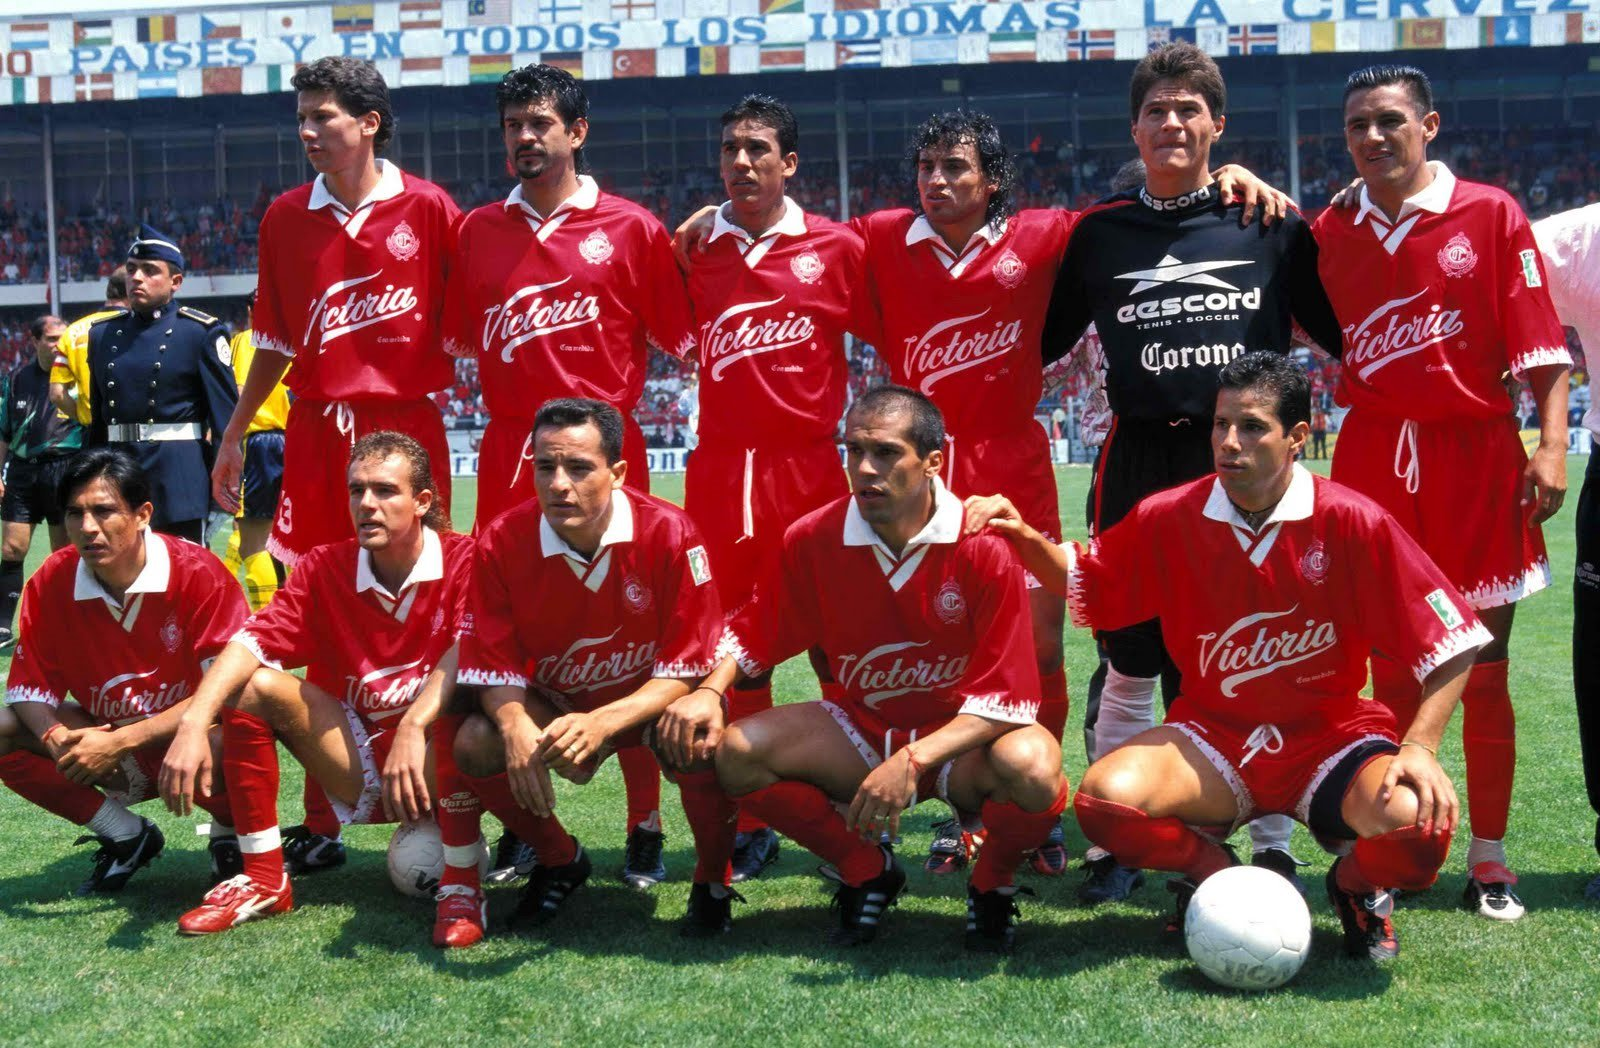 Cardozo dijo sentirse orgulloso de haber portado la camiseta del los Diablos Rojos, equipo en el que se convirtió en leyenda